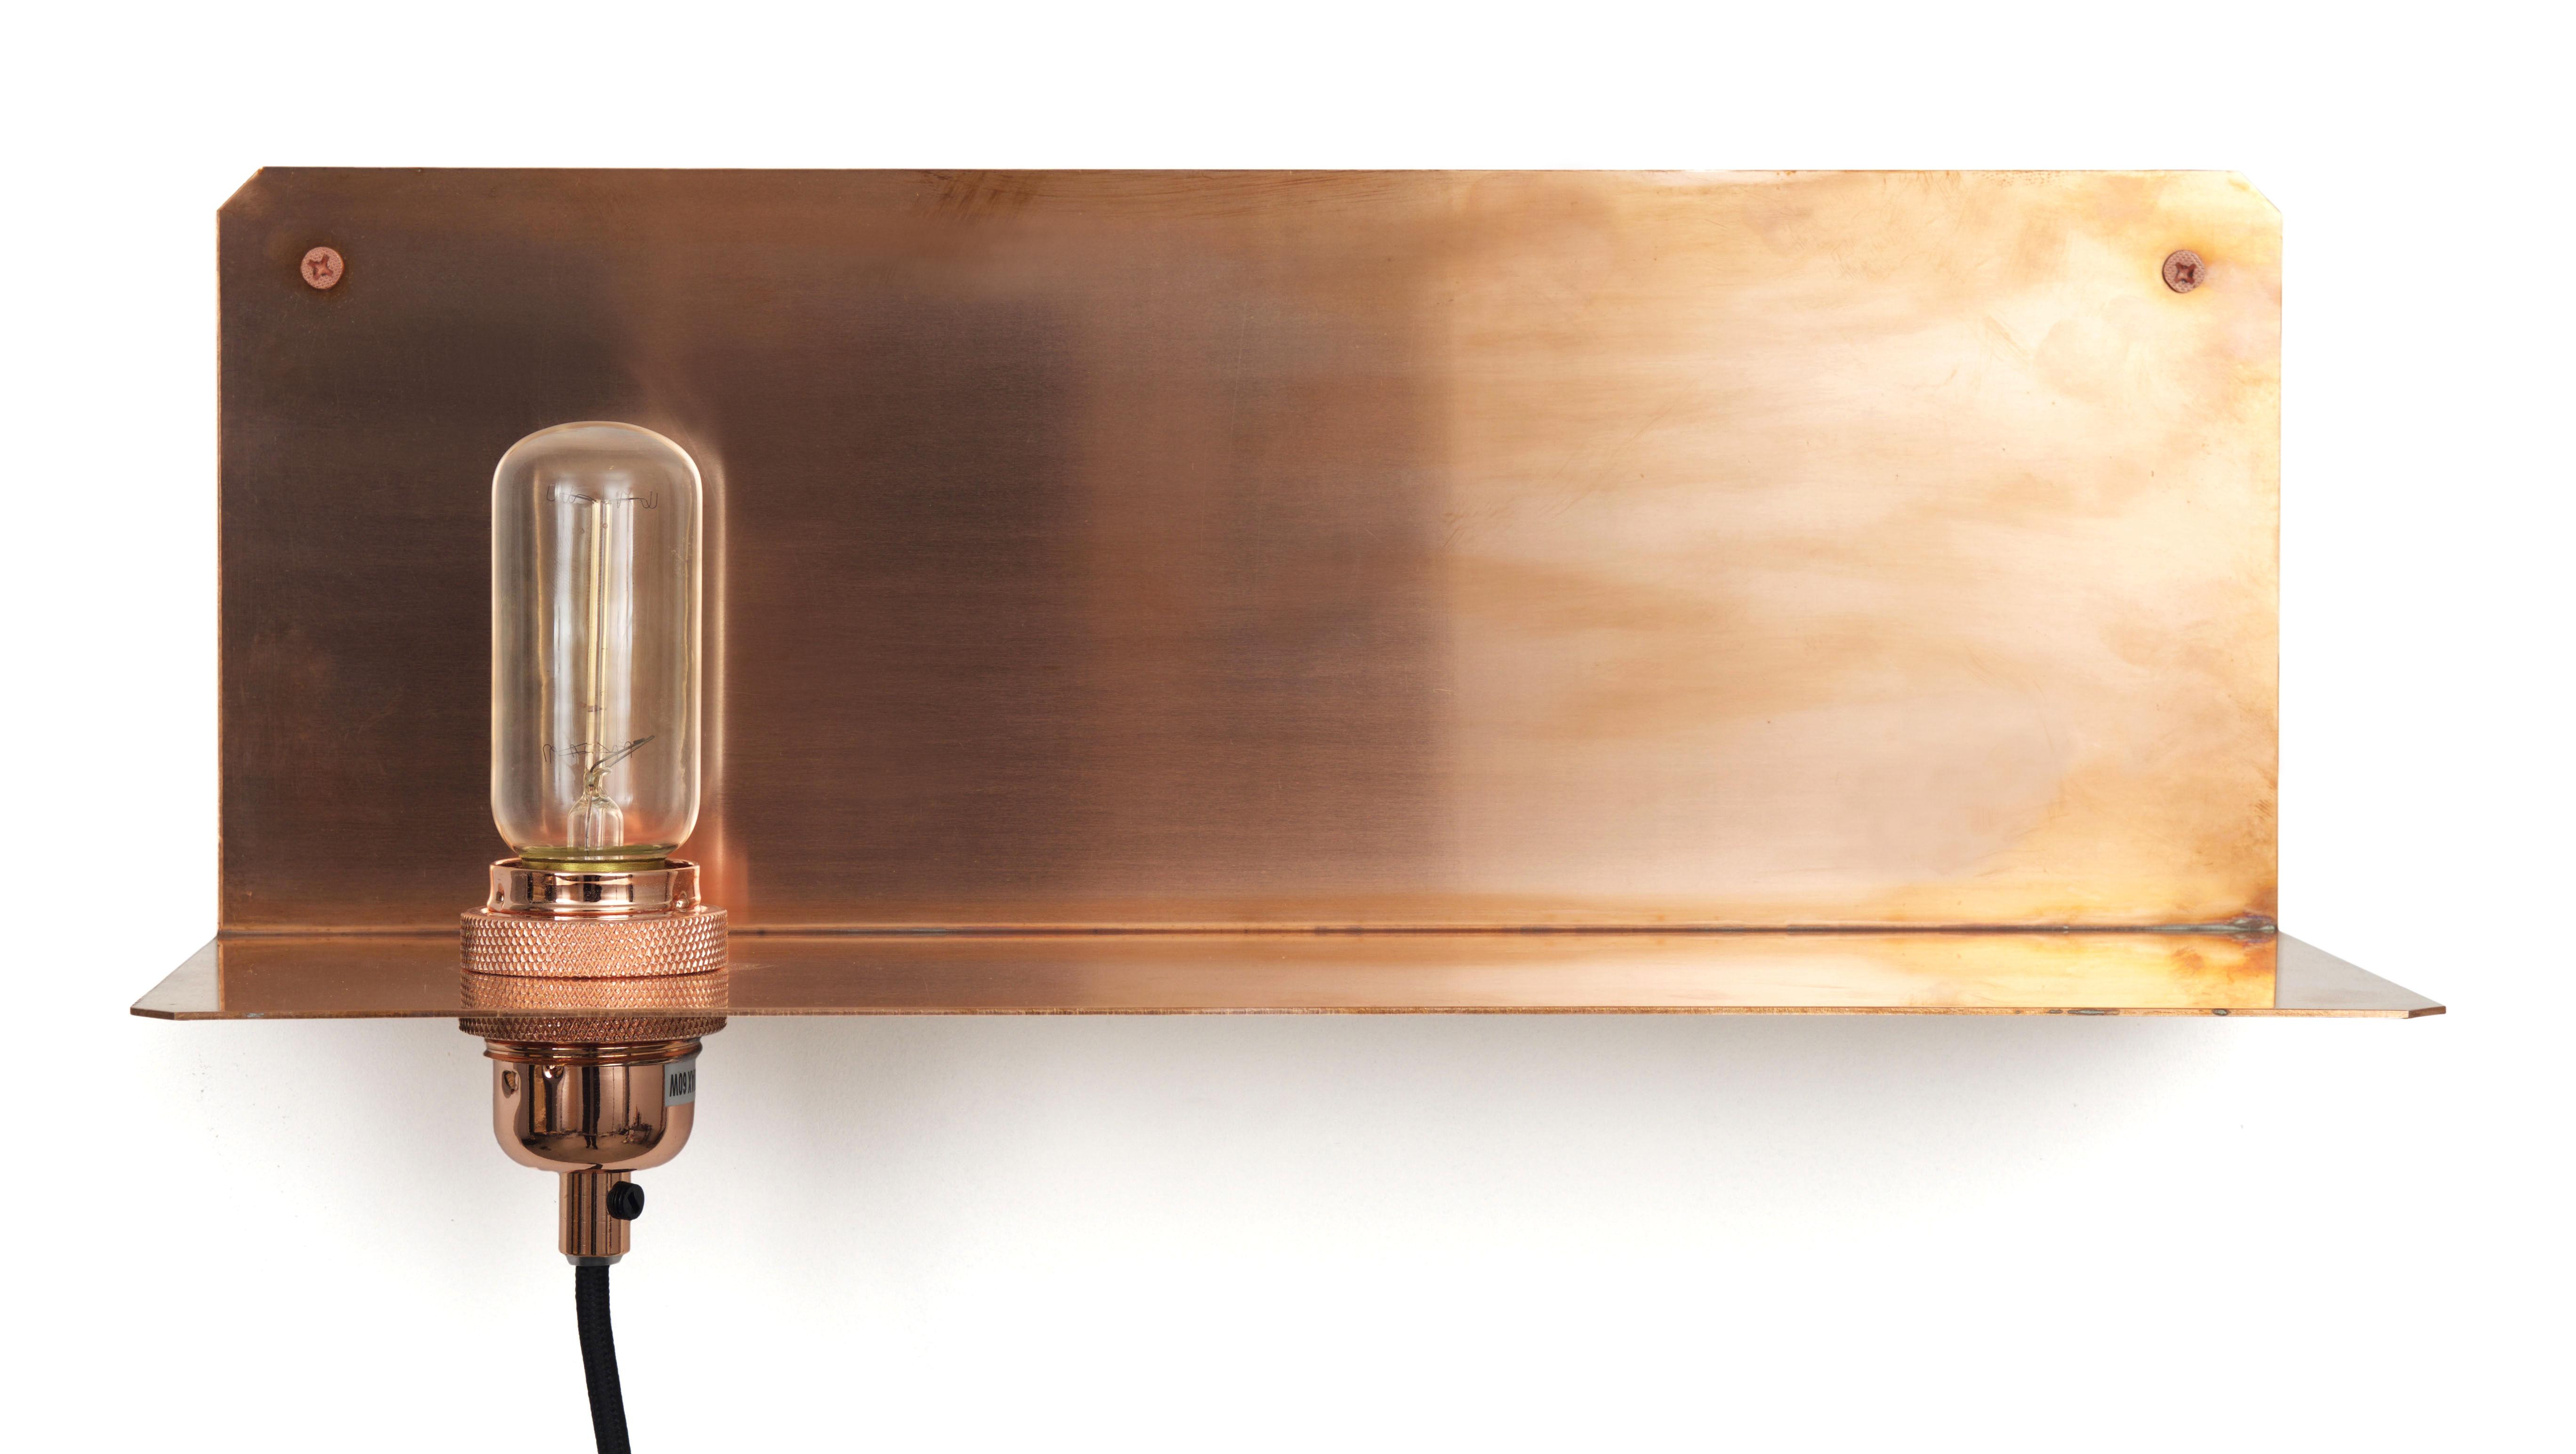 Applique avec prise 90° frama cuivre l 40 x h 15 made in design